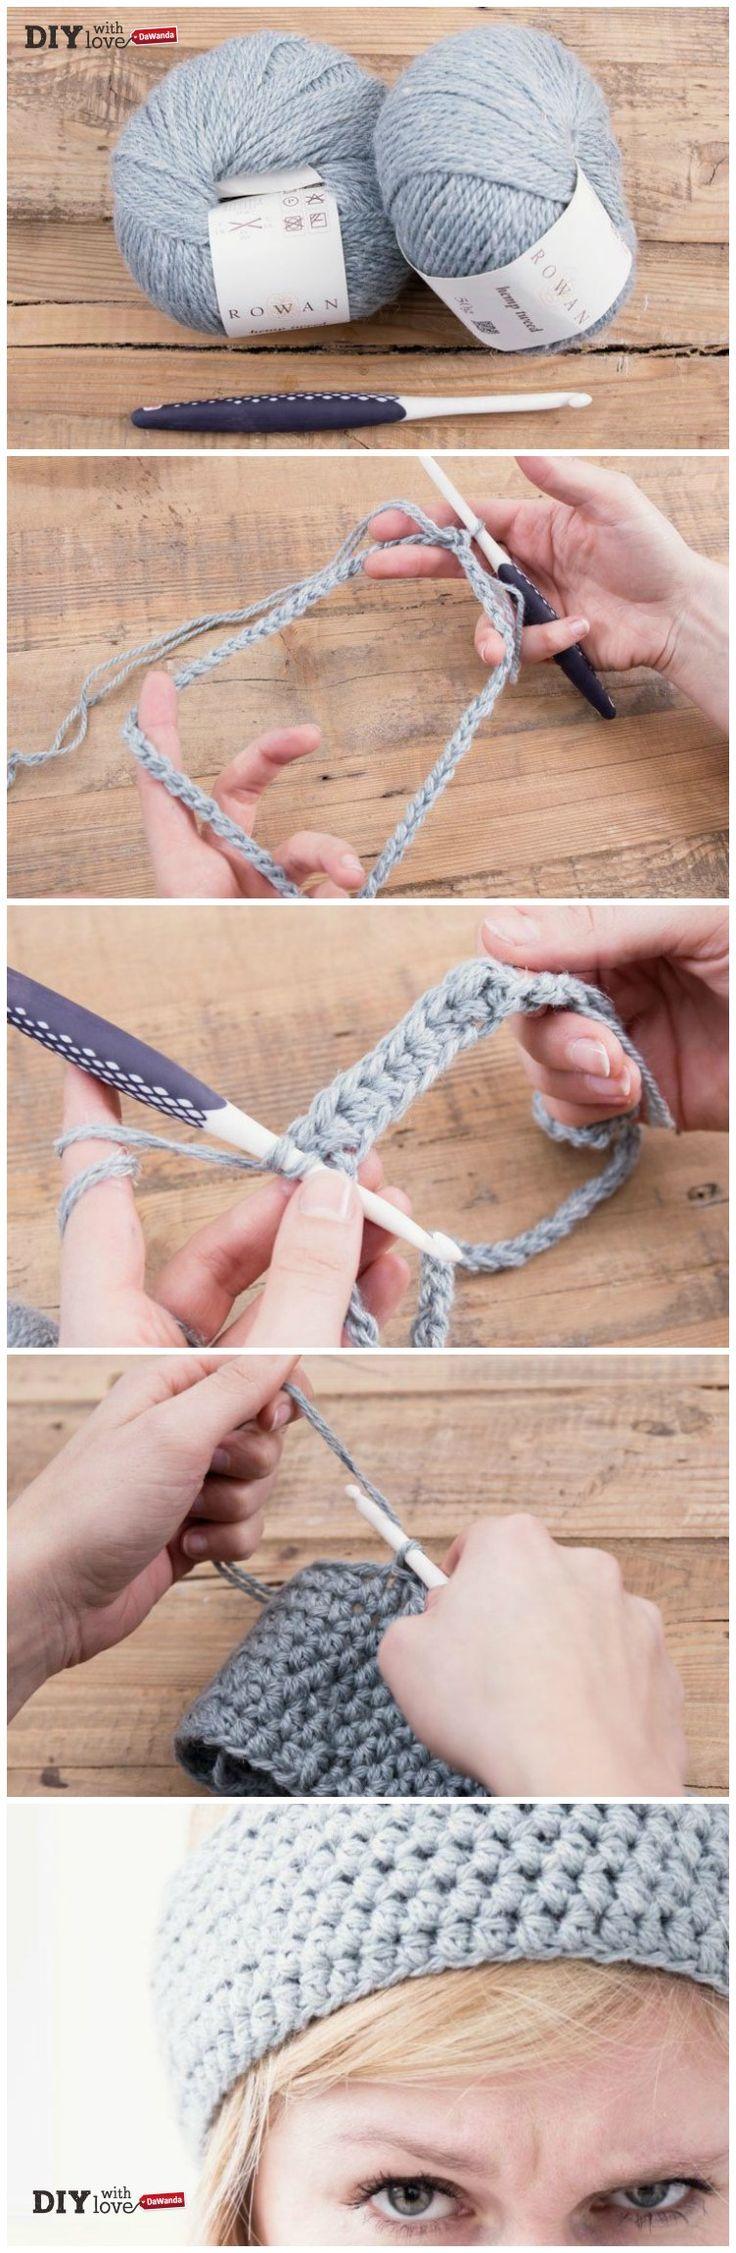 Filato di canapa e #uncinetto: ecco come realizzare una semplicissima fascia #crochet